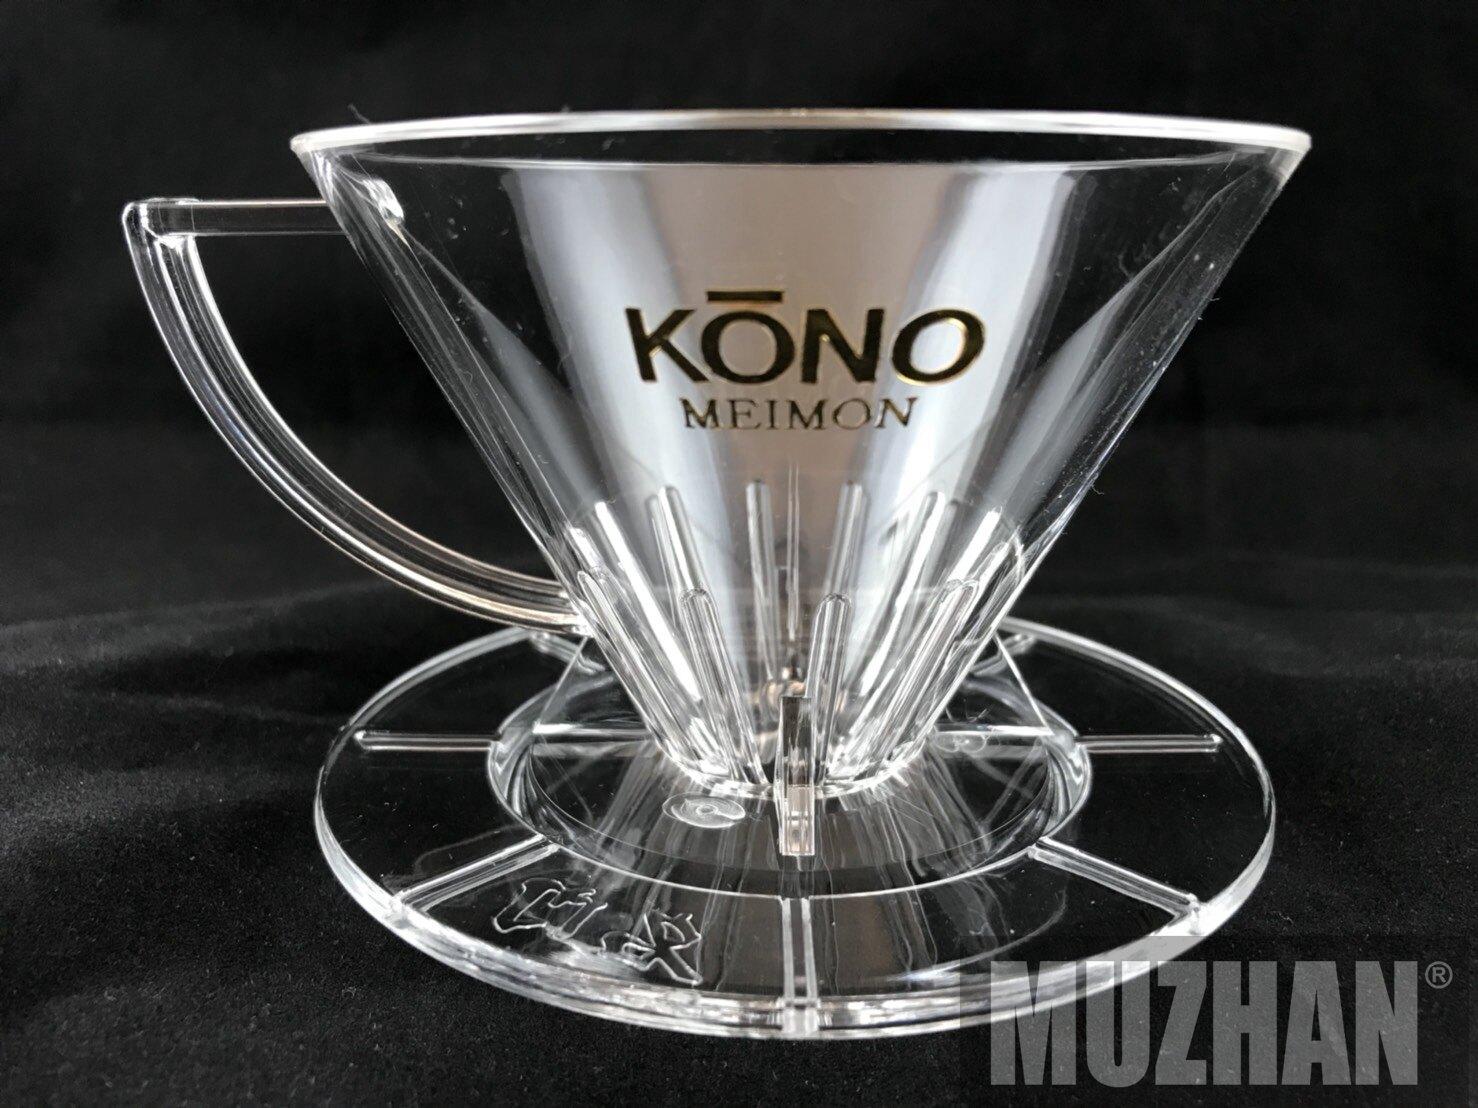 【沐湛咖啡】日本原裝 KONO 河野 名門 MDN-21 錐形濾杯 1~2人份 耐熱樹脂材質 V60可參考